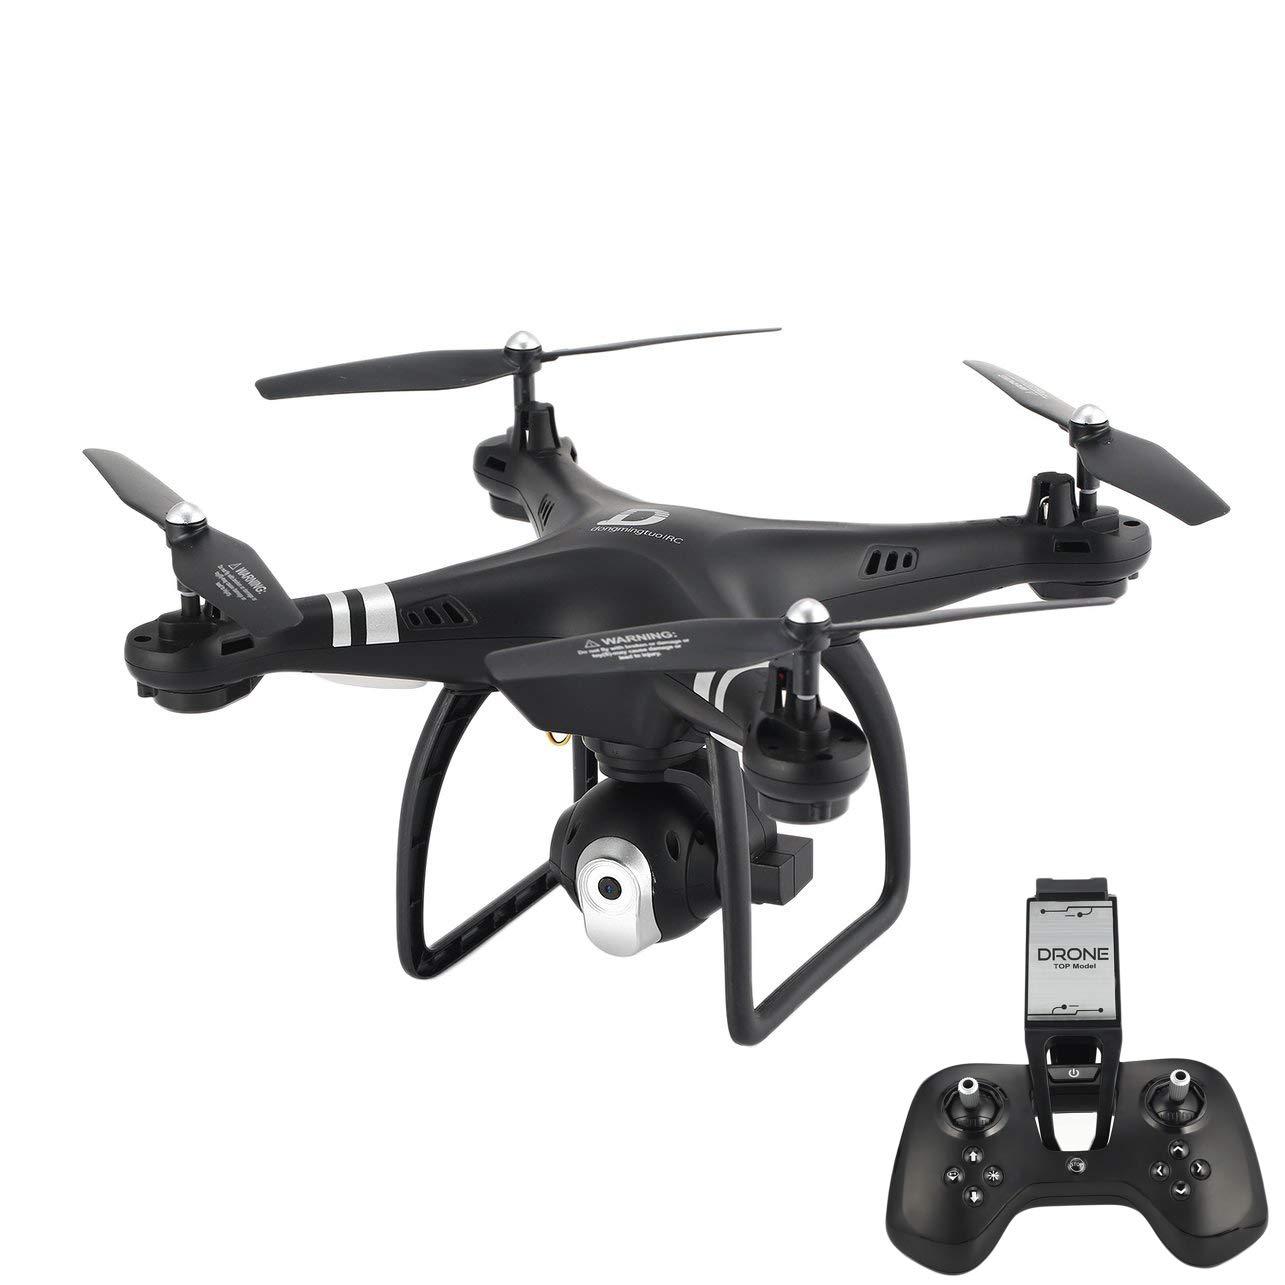 ahorre 60% de descuento negro WOSOSYEYO X8 RC Drone 2.4G FPV RC RC RC Quadcopter Drone con Altitud de cámara Ajustable Mantener Modo sin Cabeza 3D-Flip 18mins Vuelo Largo (rojo)  venta de ofertas